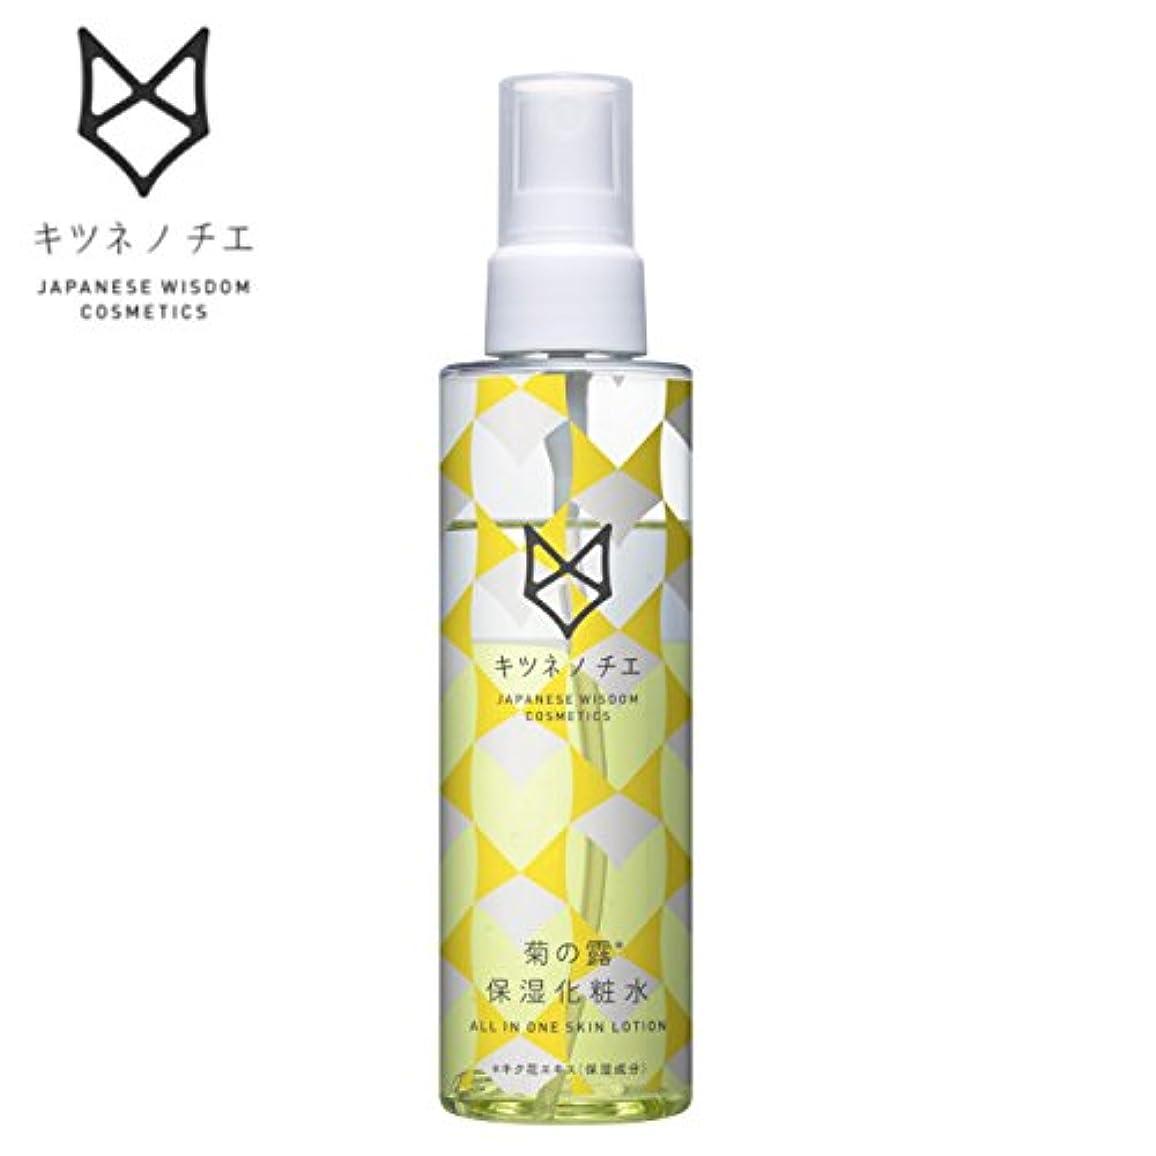 安らぎその後モンクキツネノチエ 菊の露 保湿化粧水